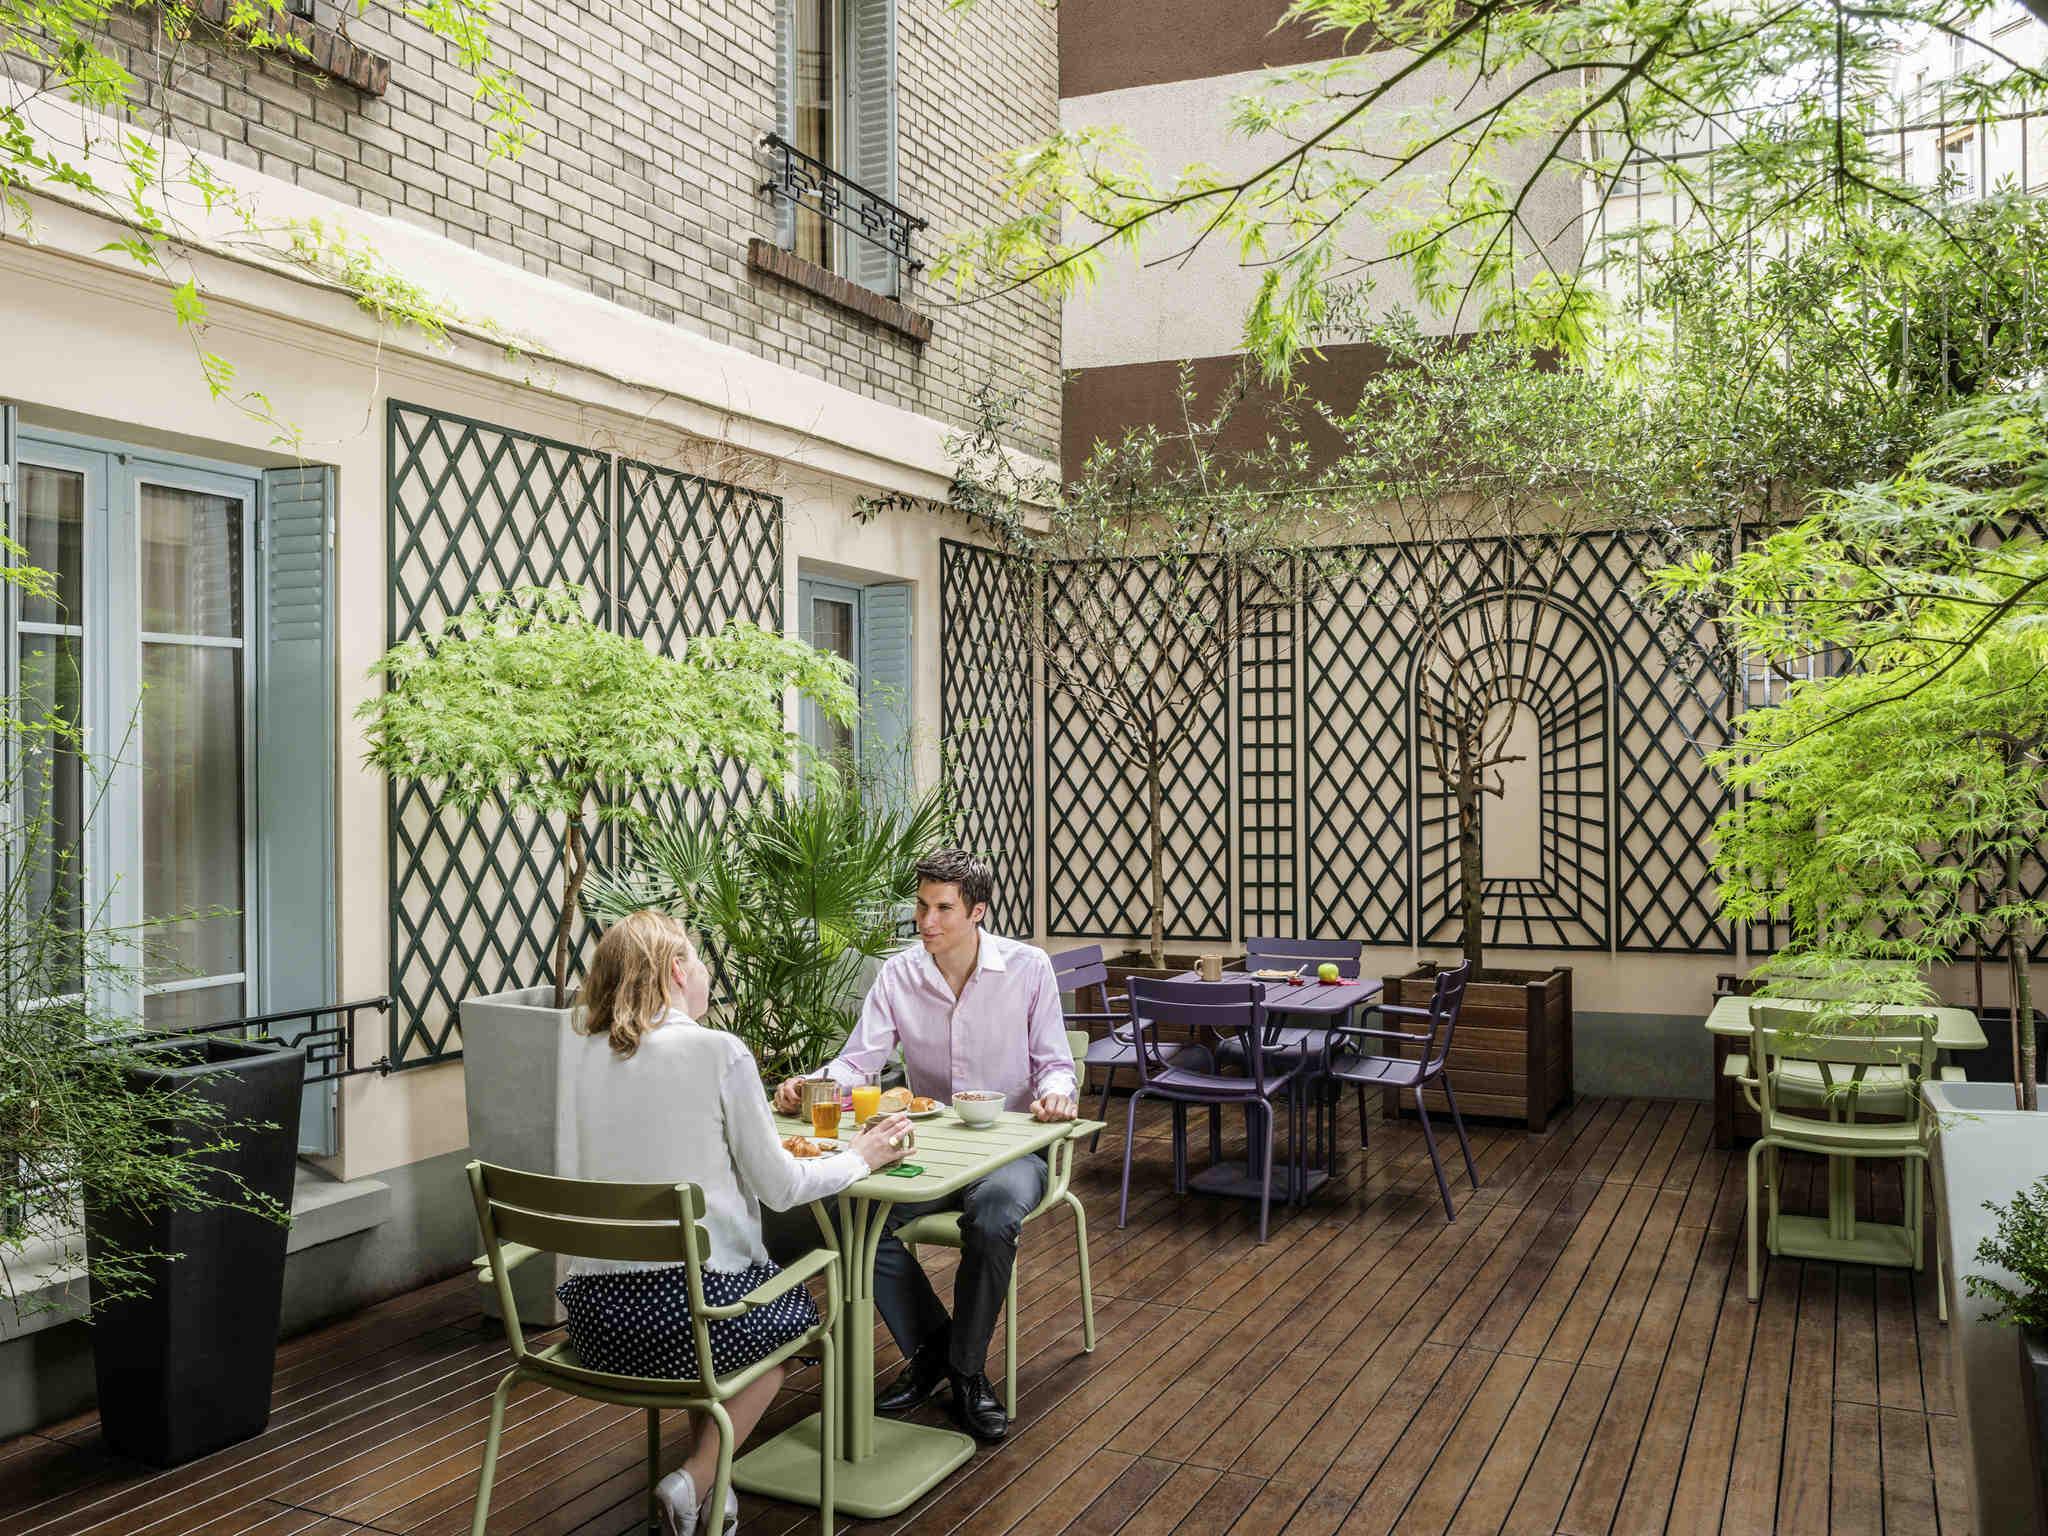 酒店 – 阿德吉奥阿克瑟斯菲利浦奥古斯特公寓式酒店